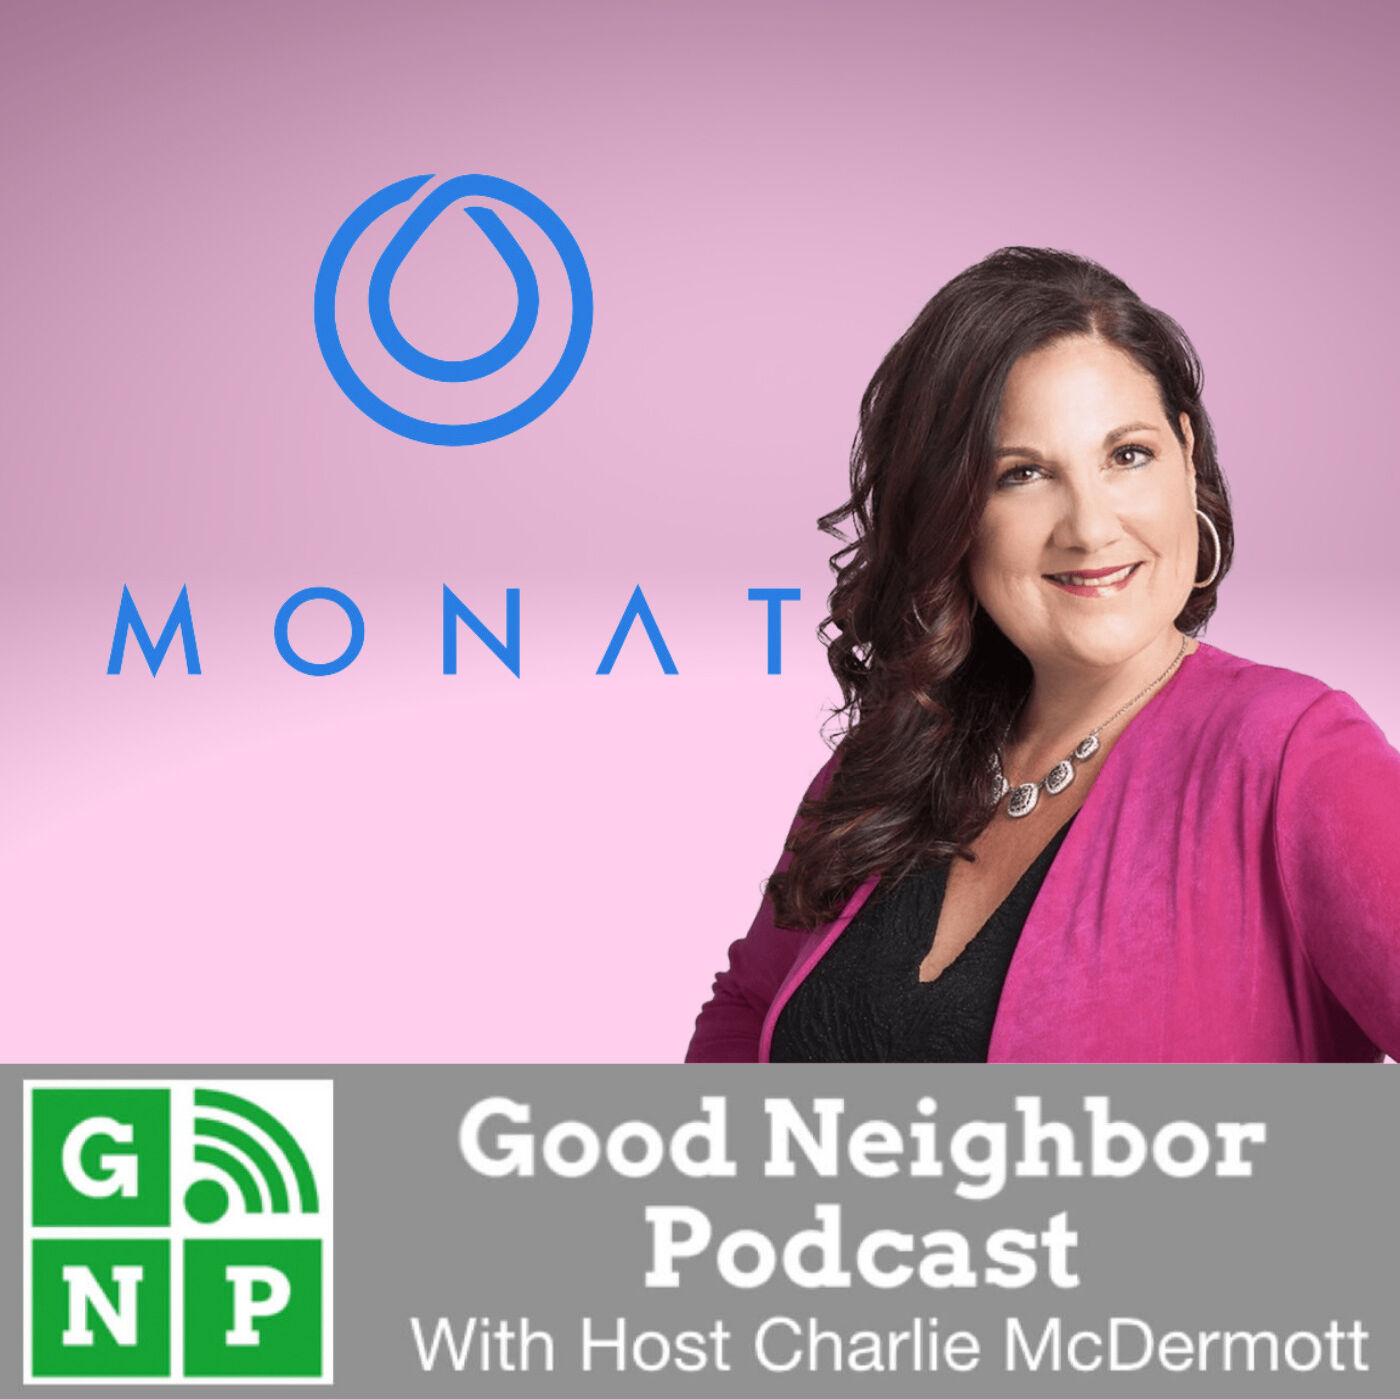 EP #443: MONAT Global with Phyllis Marlene Benstein